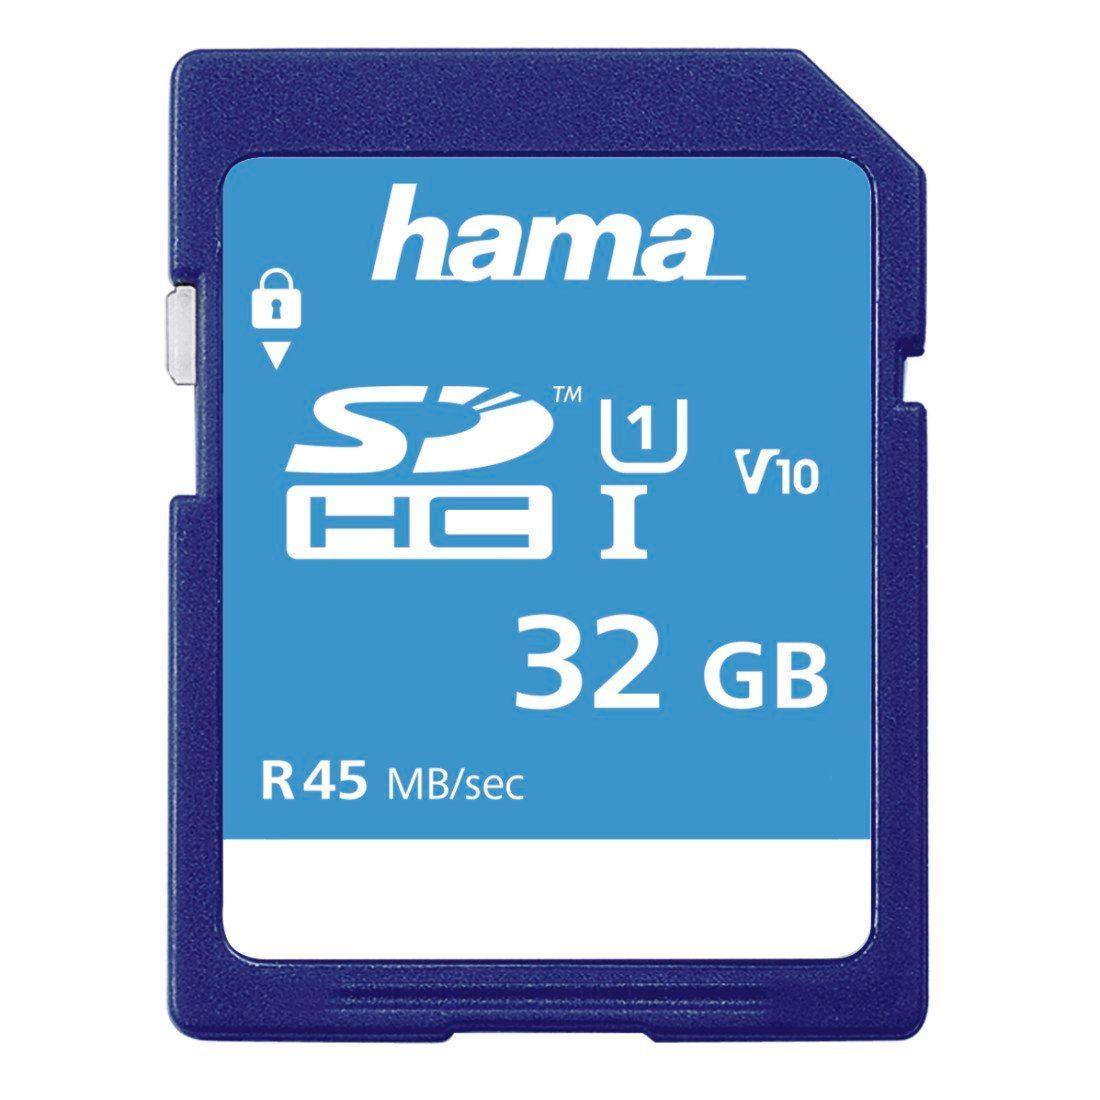 Hama Speicherkarte SDHC, 32GB, Class 10 UHS-I »geeignet für HD- und 3D-Videos«